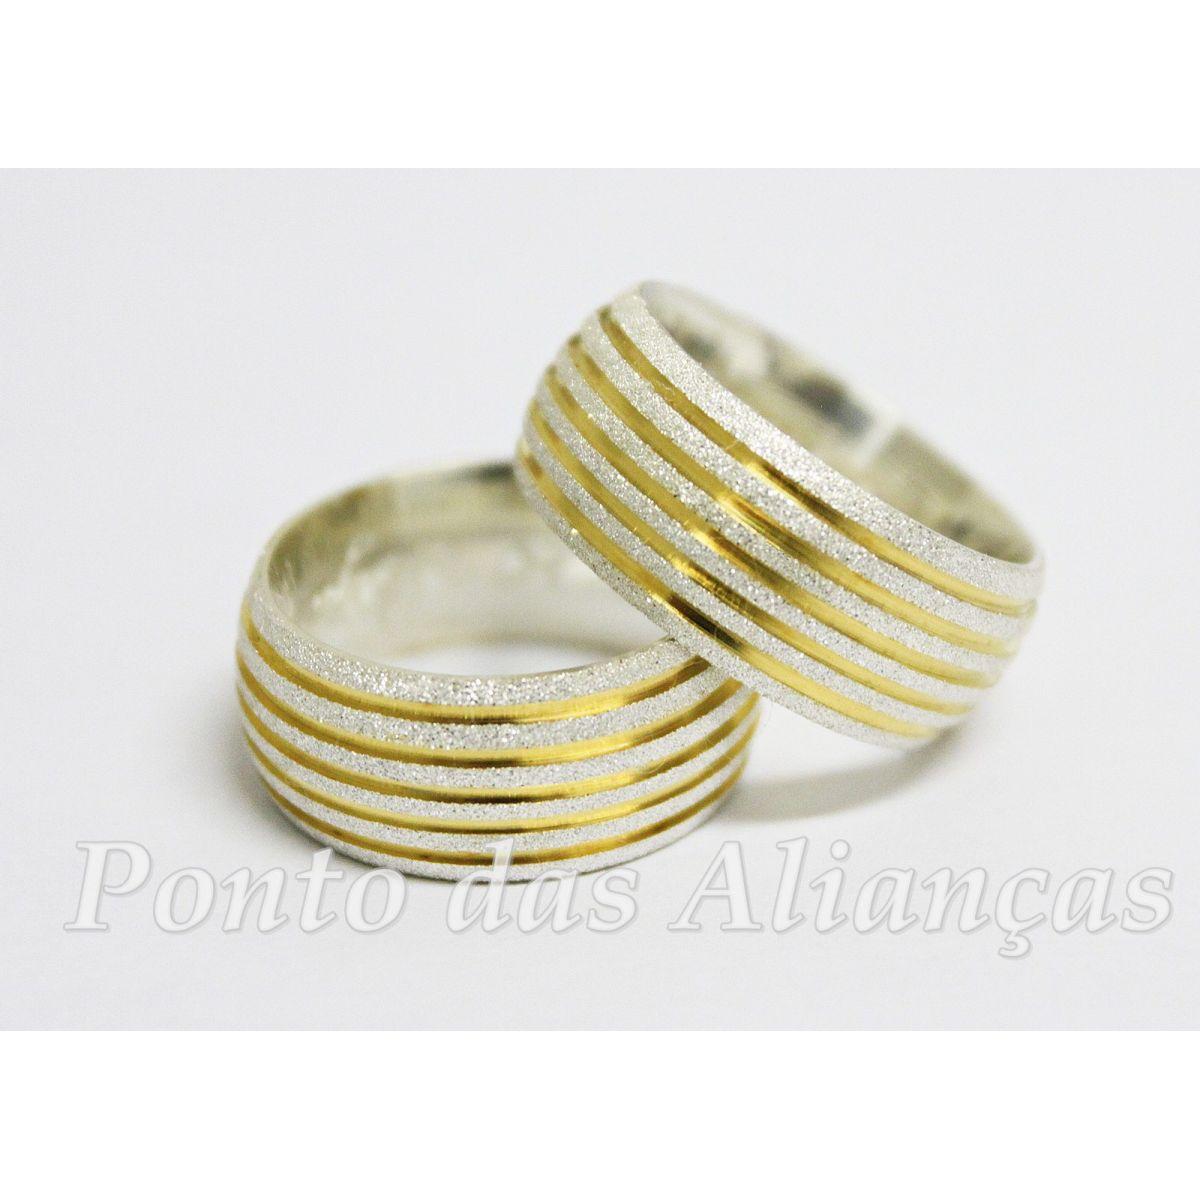 Alianças de Prata Compromisso - Noivado  -3034